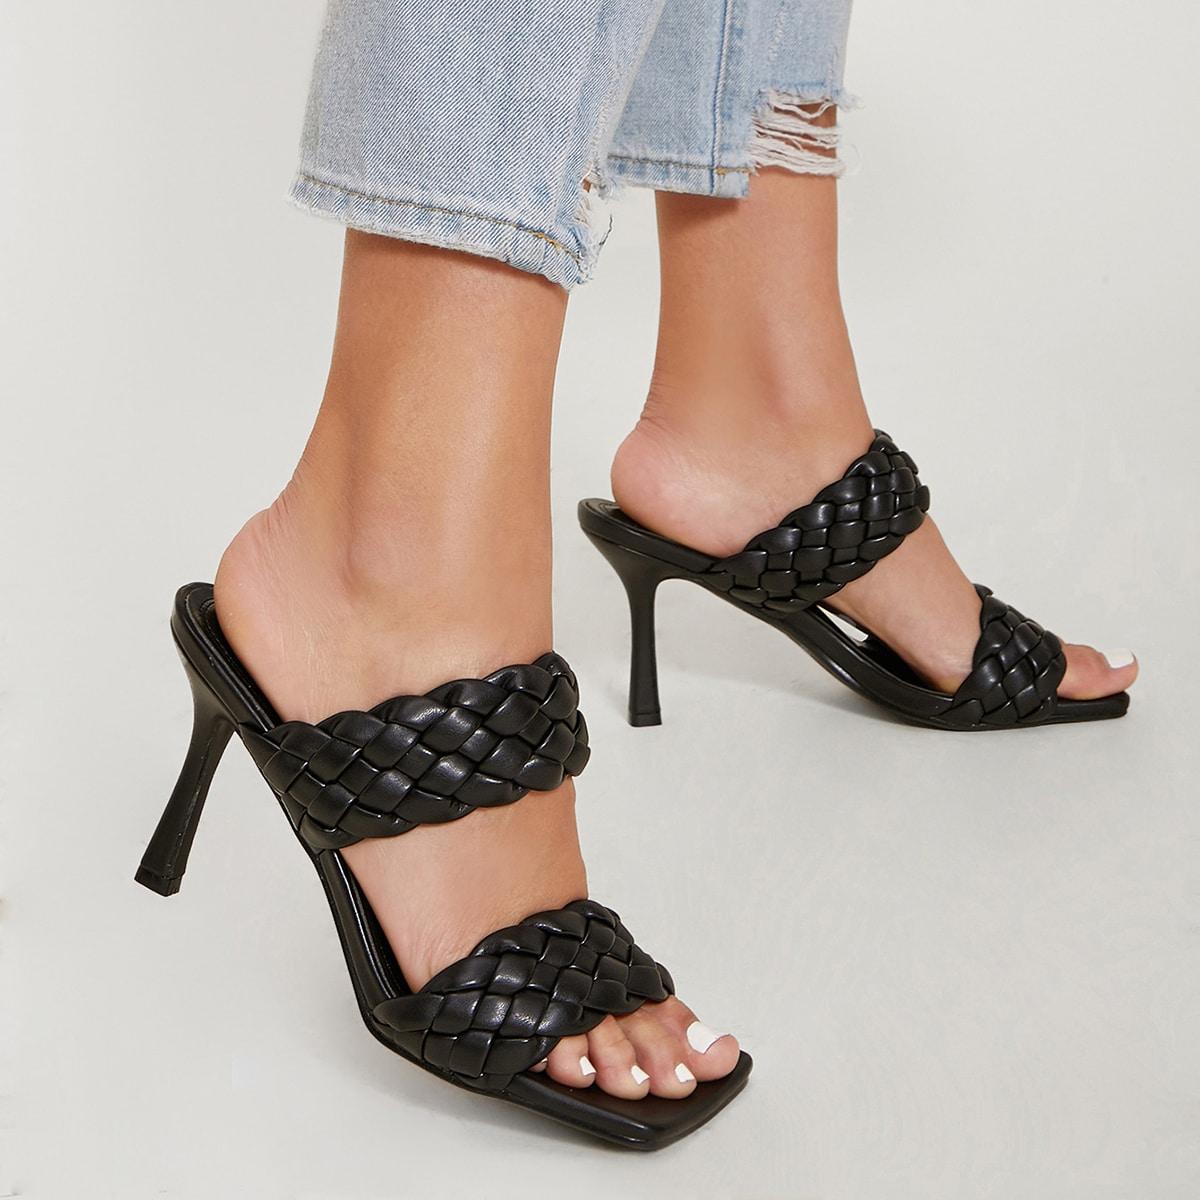 Плетеные туфли на каблуке из искусственной кожи